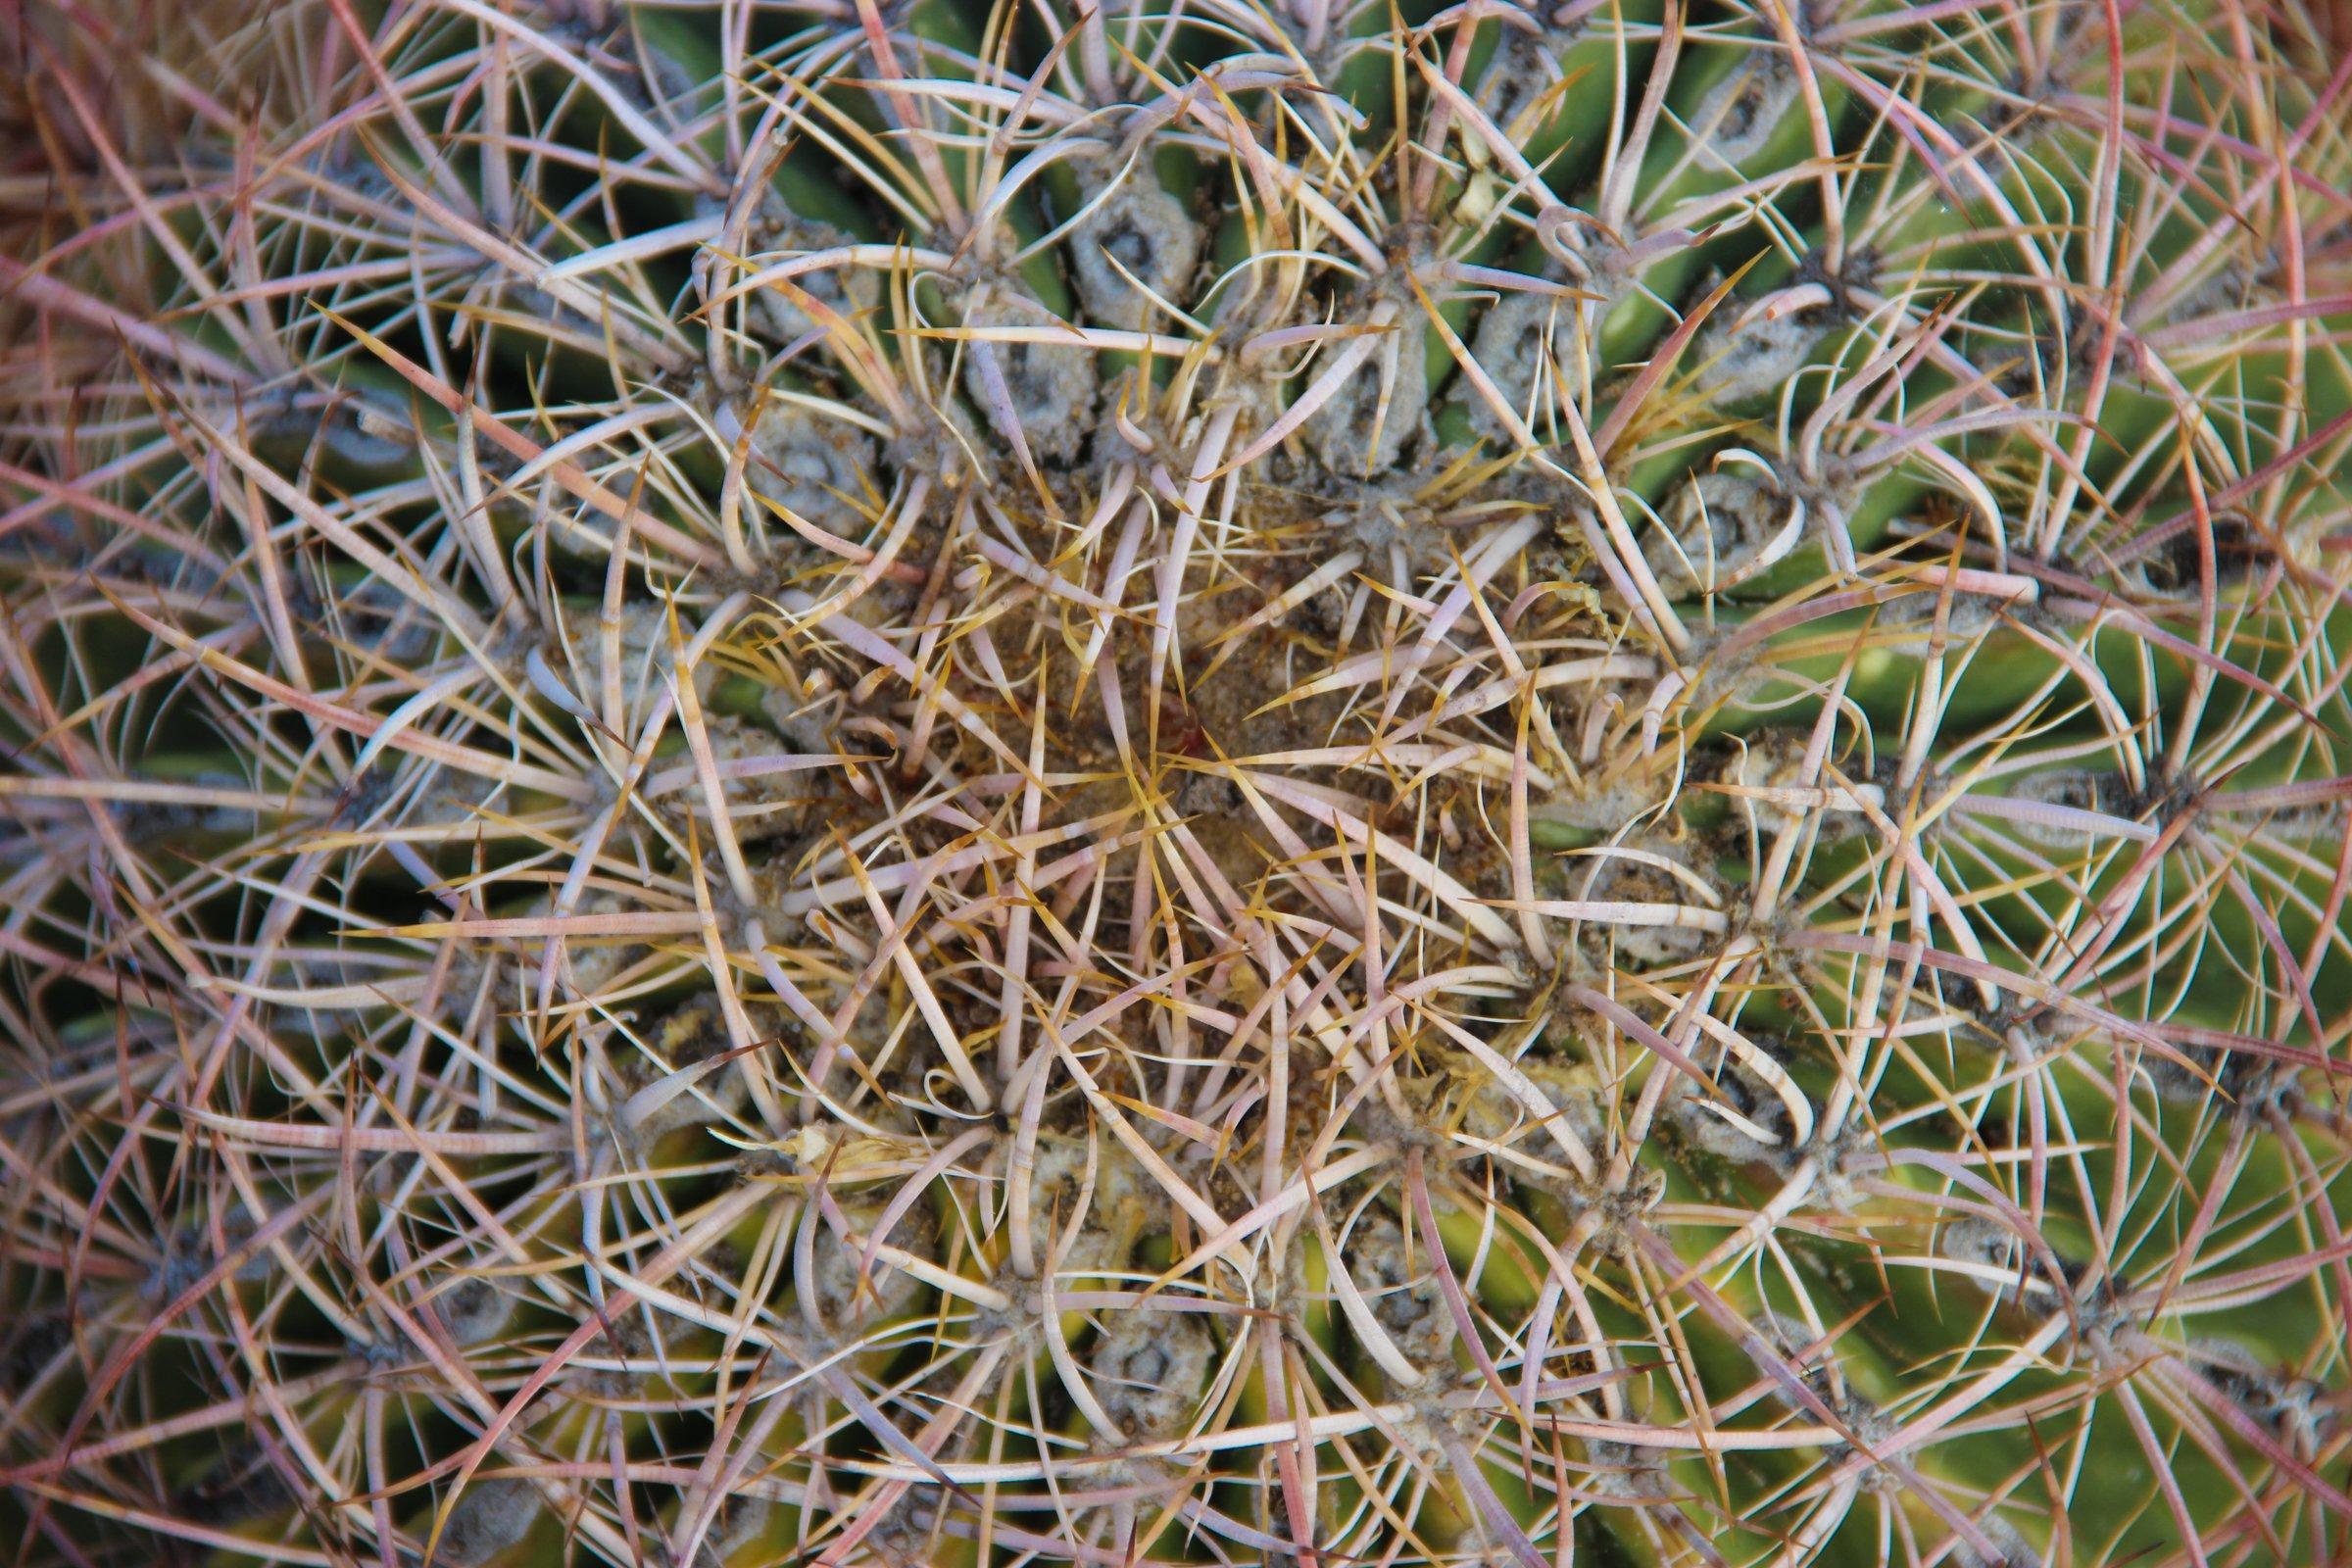 Close Up of Cactus Thorns